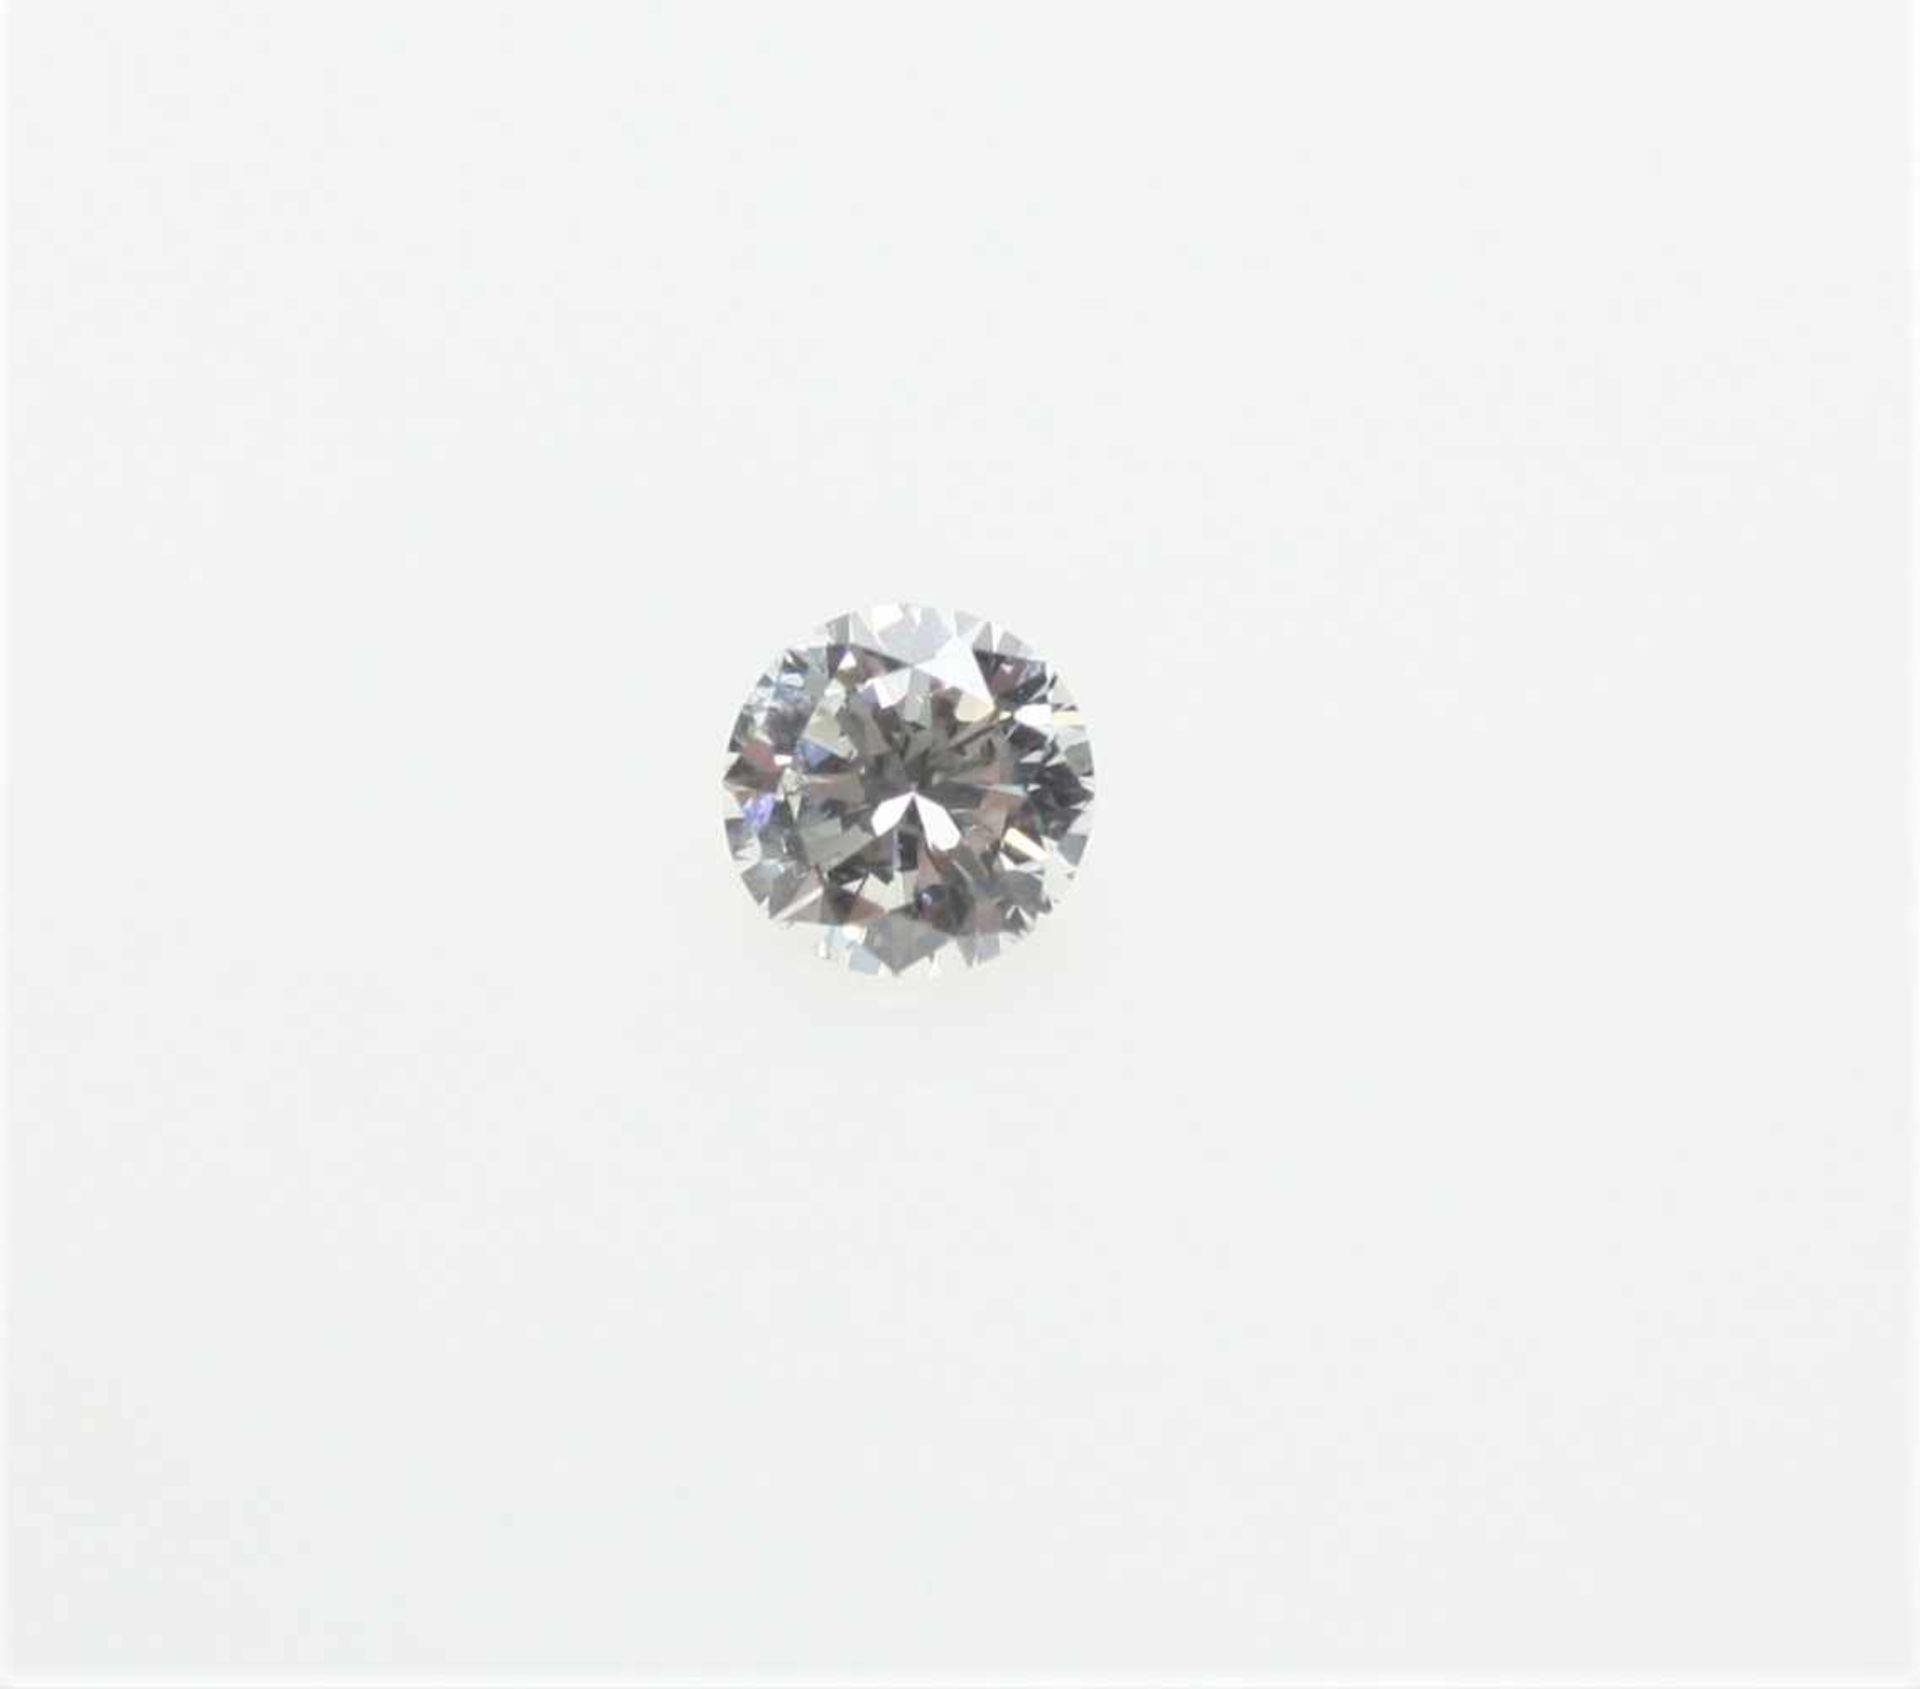 Los 20 - Ein ungefasster Diamant in Brillantschliff ca. 1,0 ct, in leicht abweichender Farbe, fast sauber